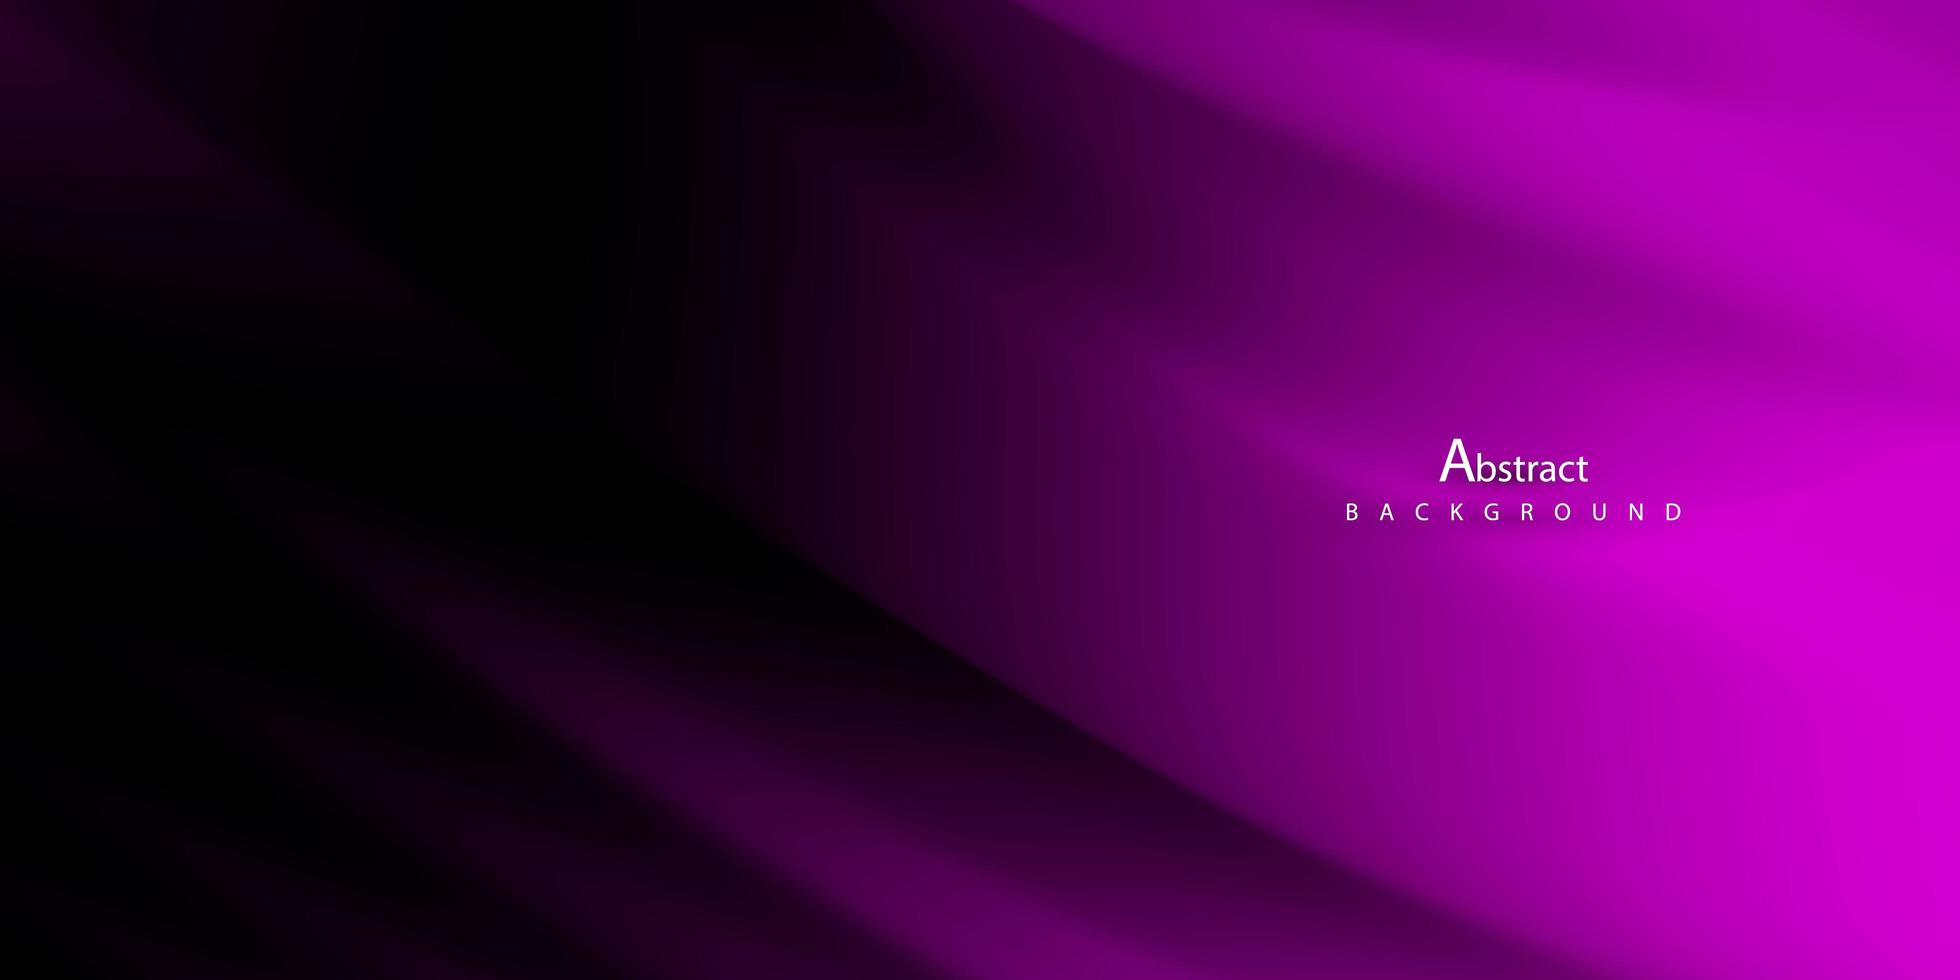 Concepto de fondo degradado líquido púrpura abstracto para su diseño gráfico vector